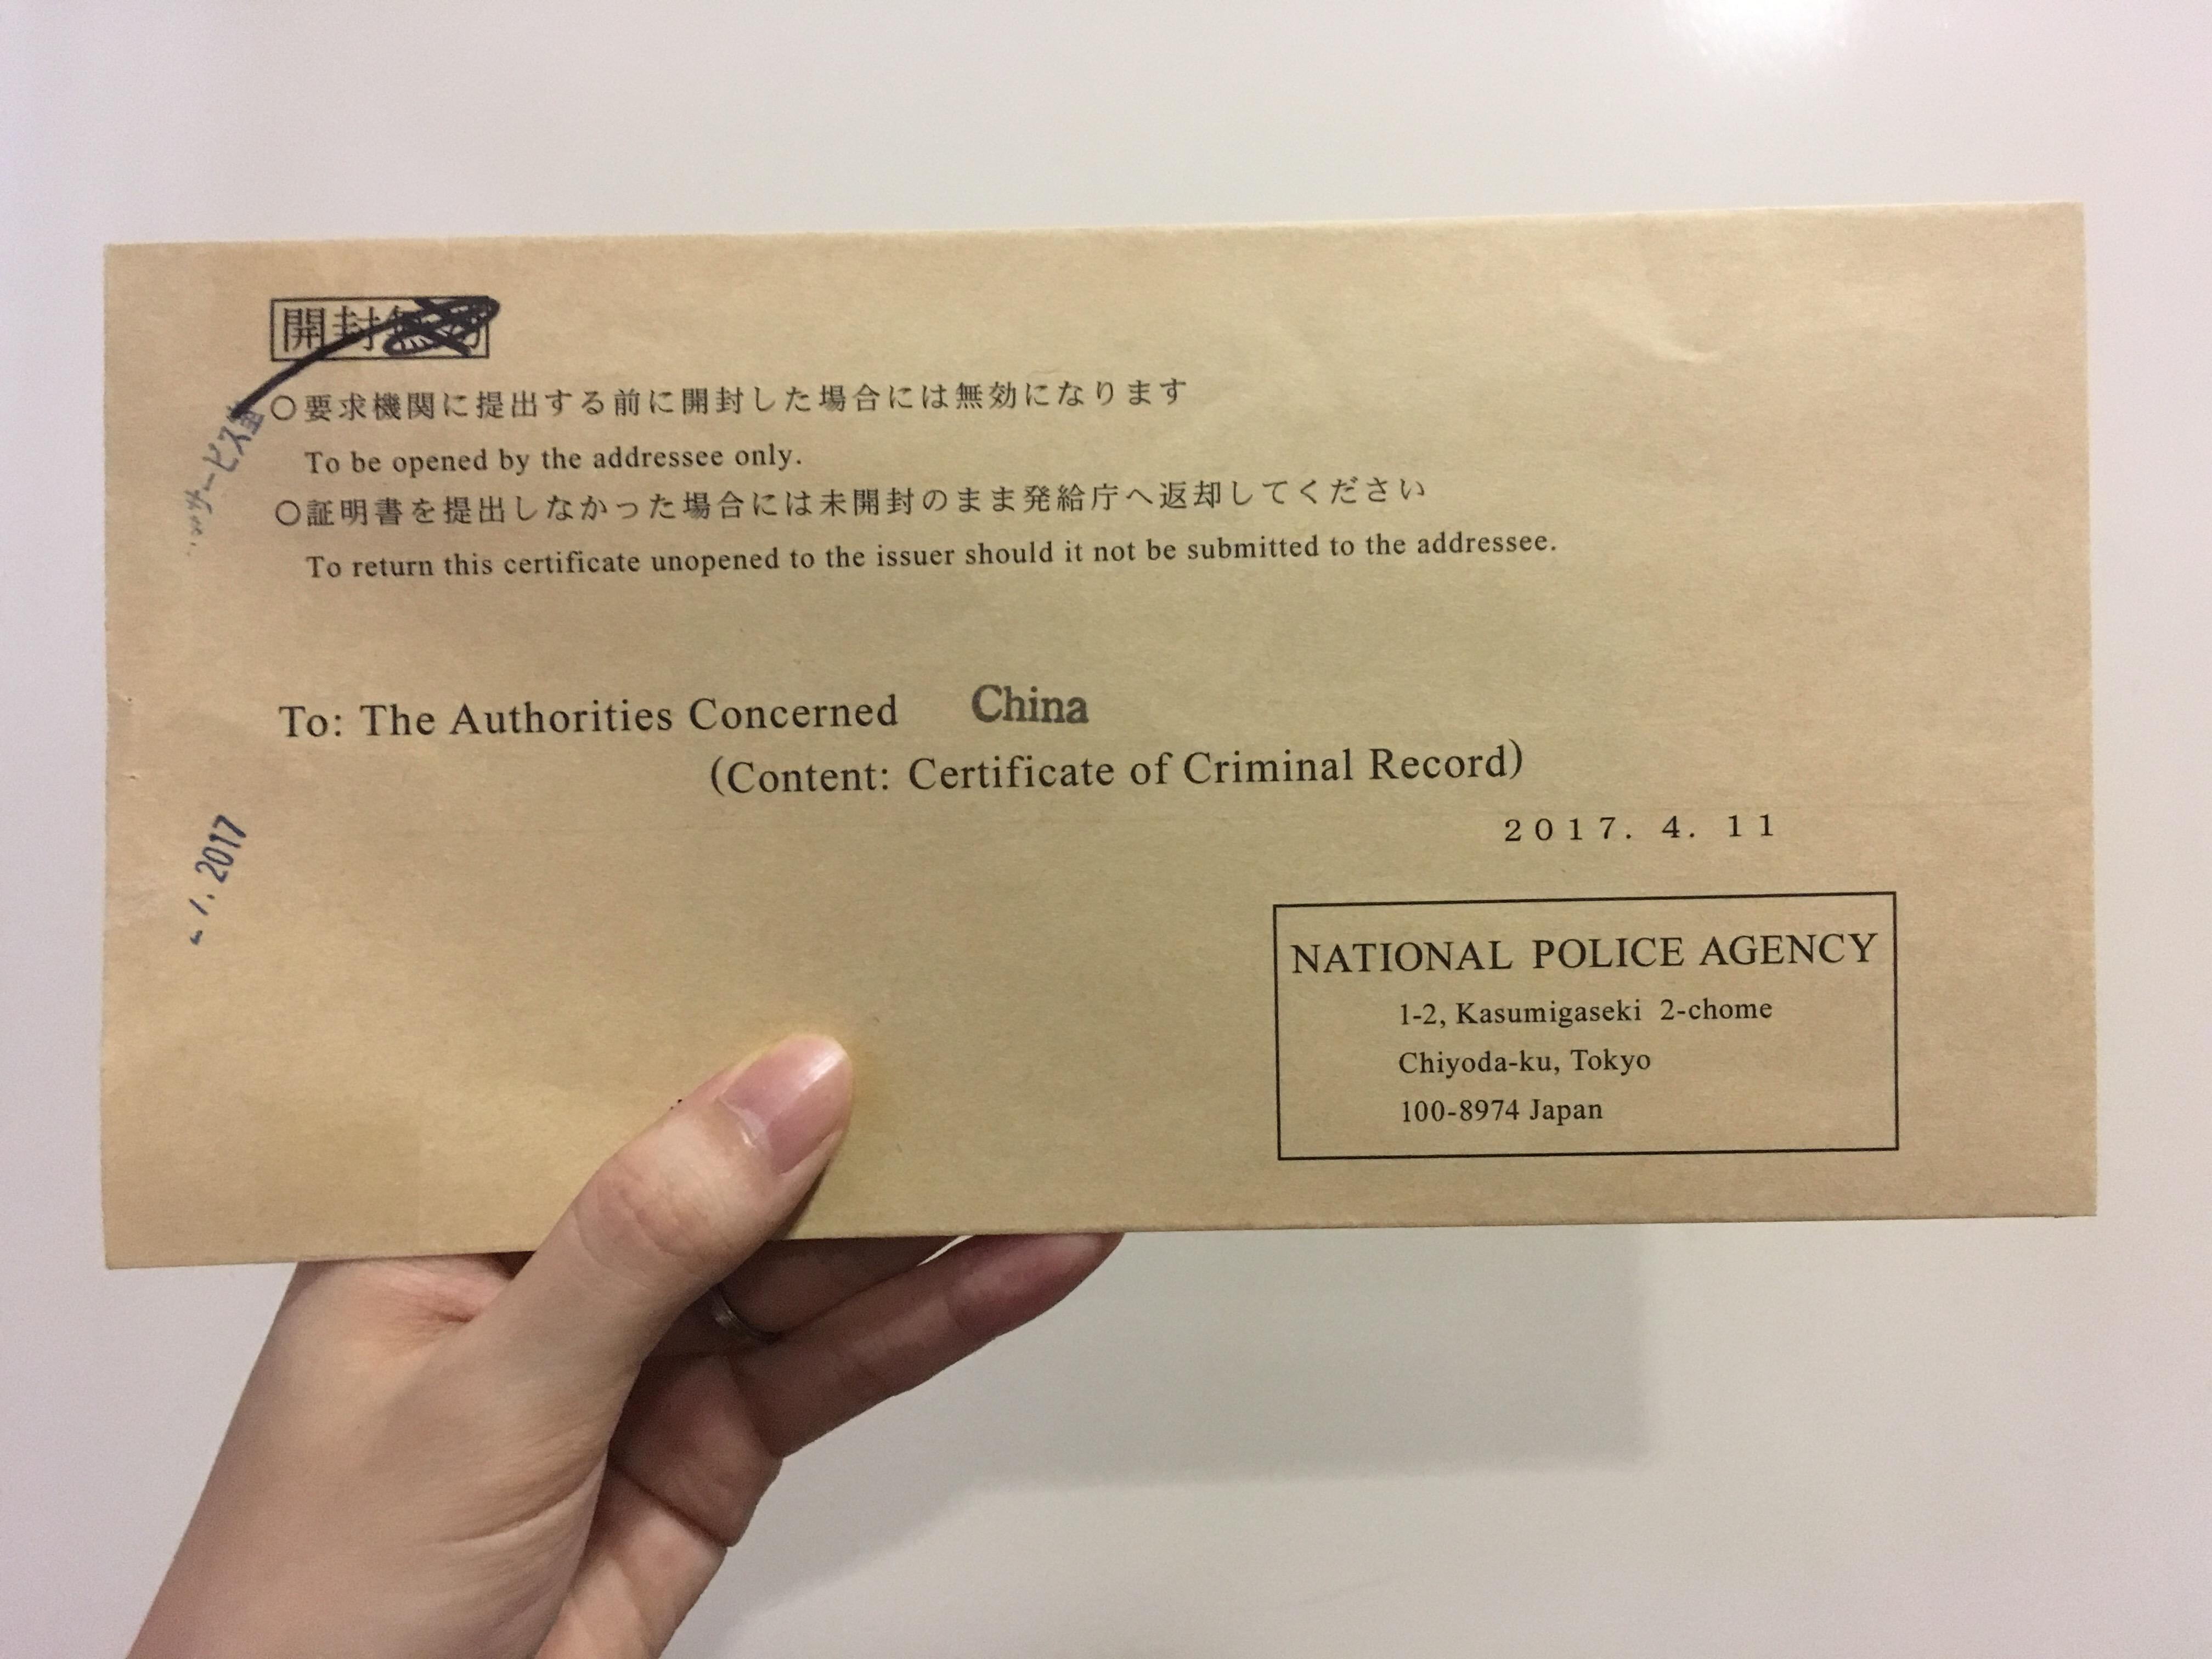 犯罪経歴証明書封筒